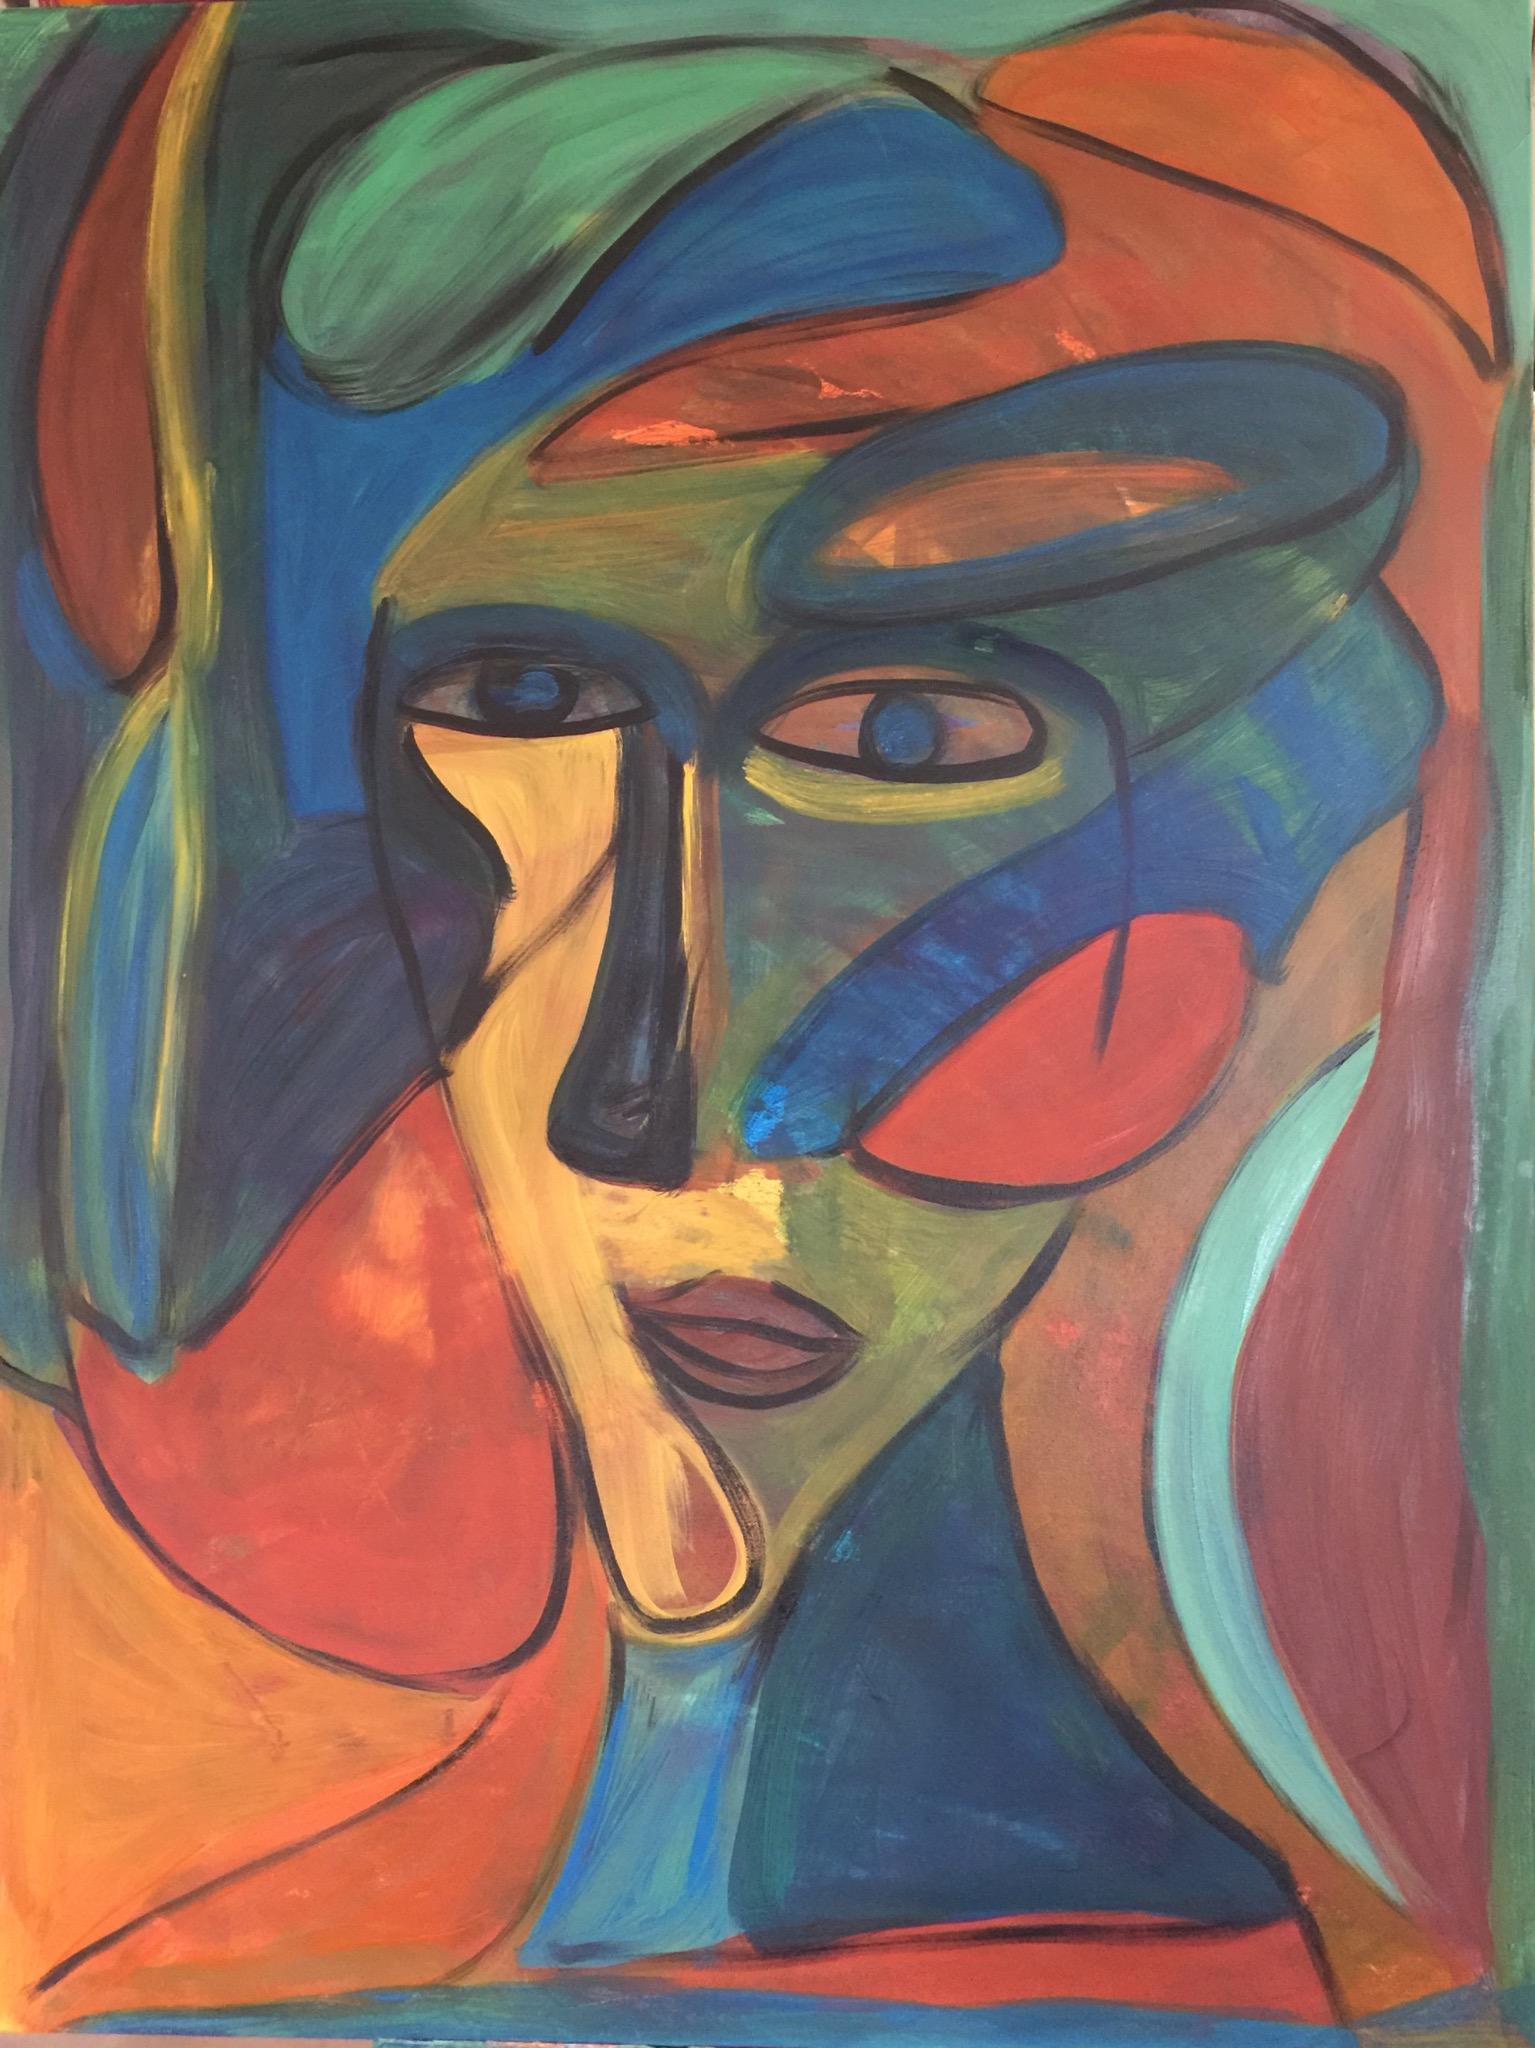 Contemplation - John Bacon